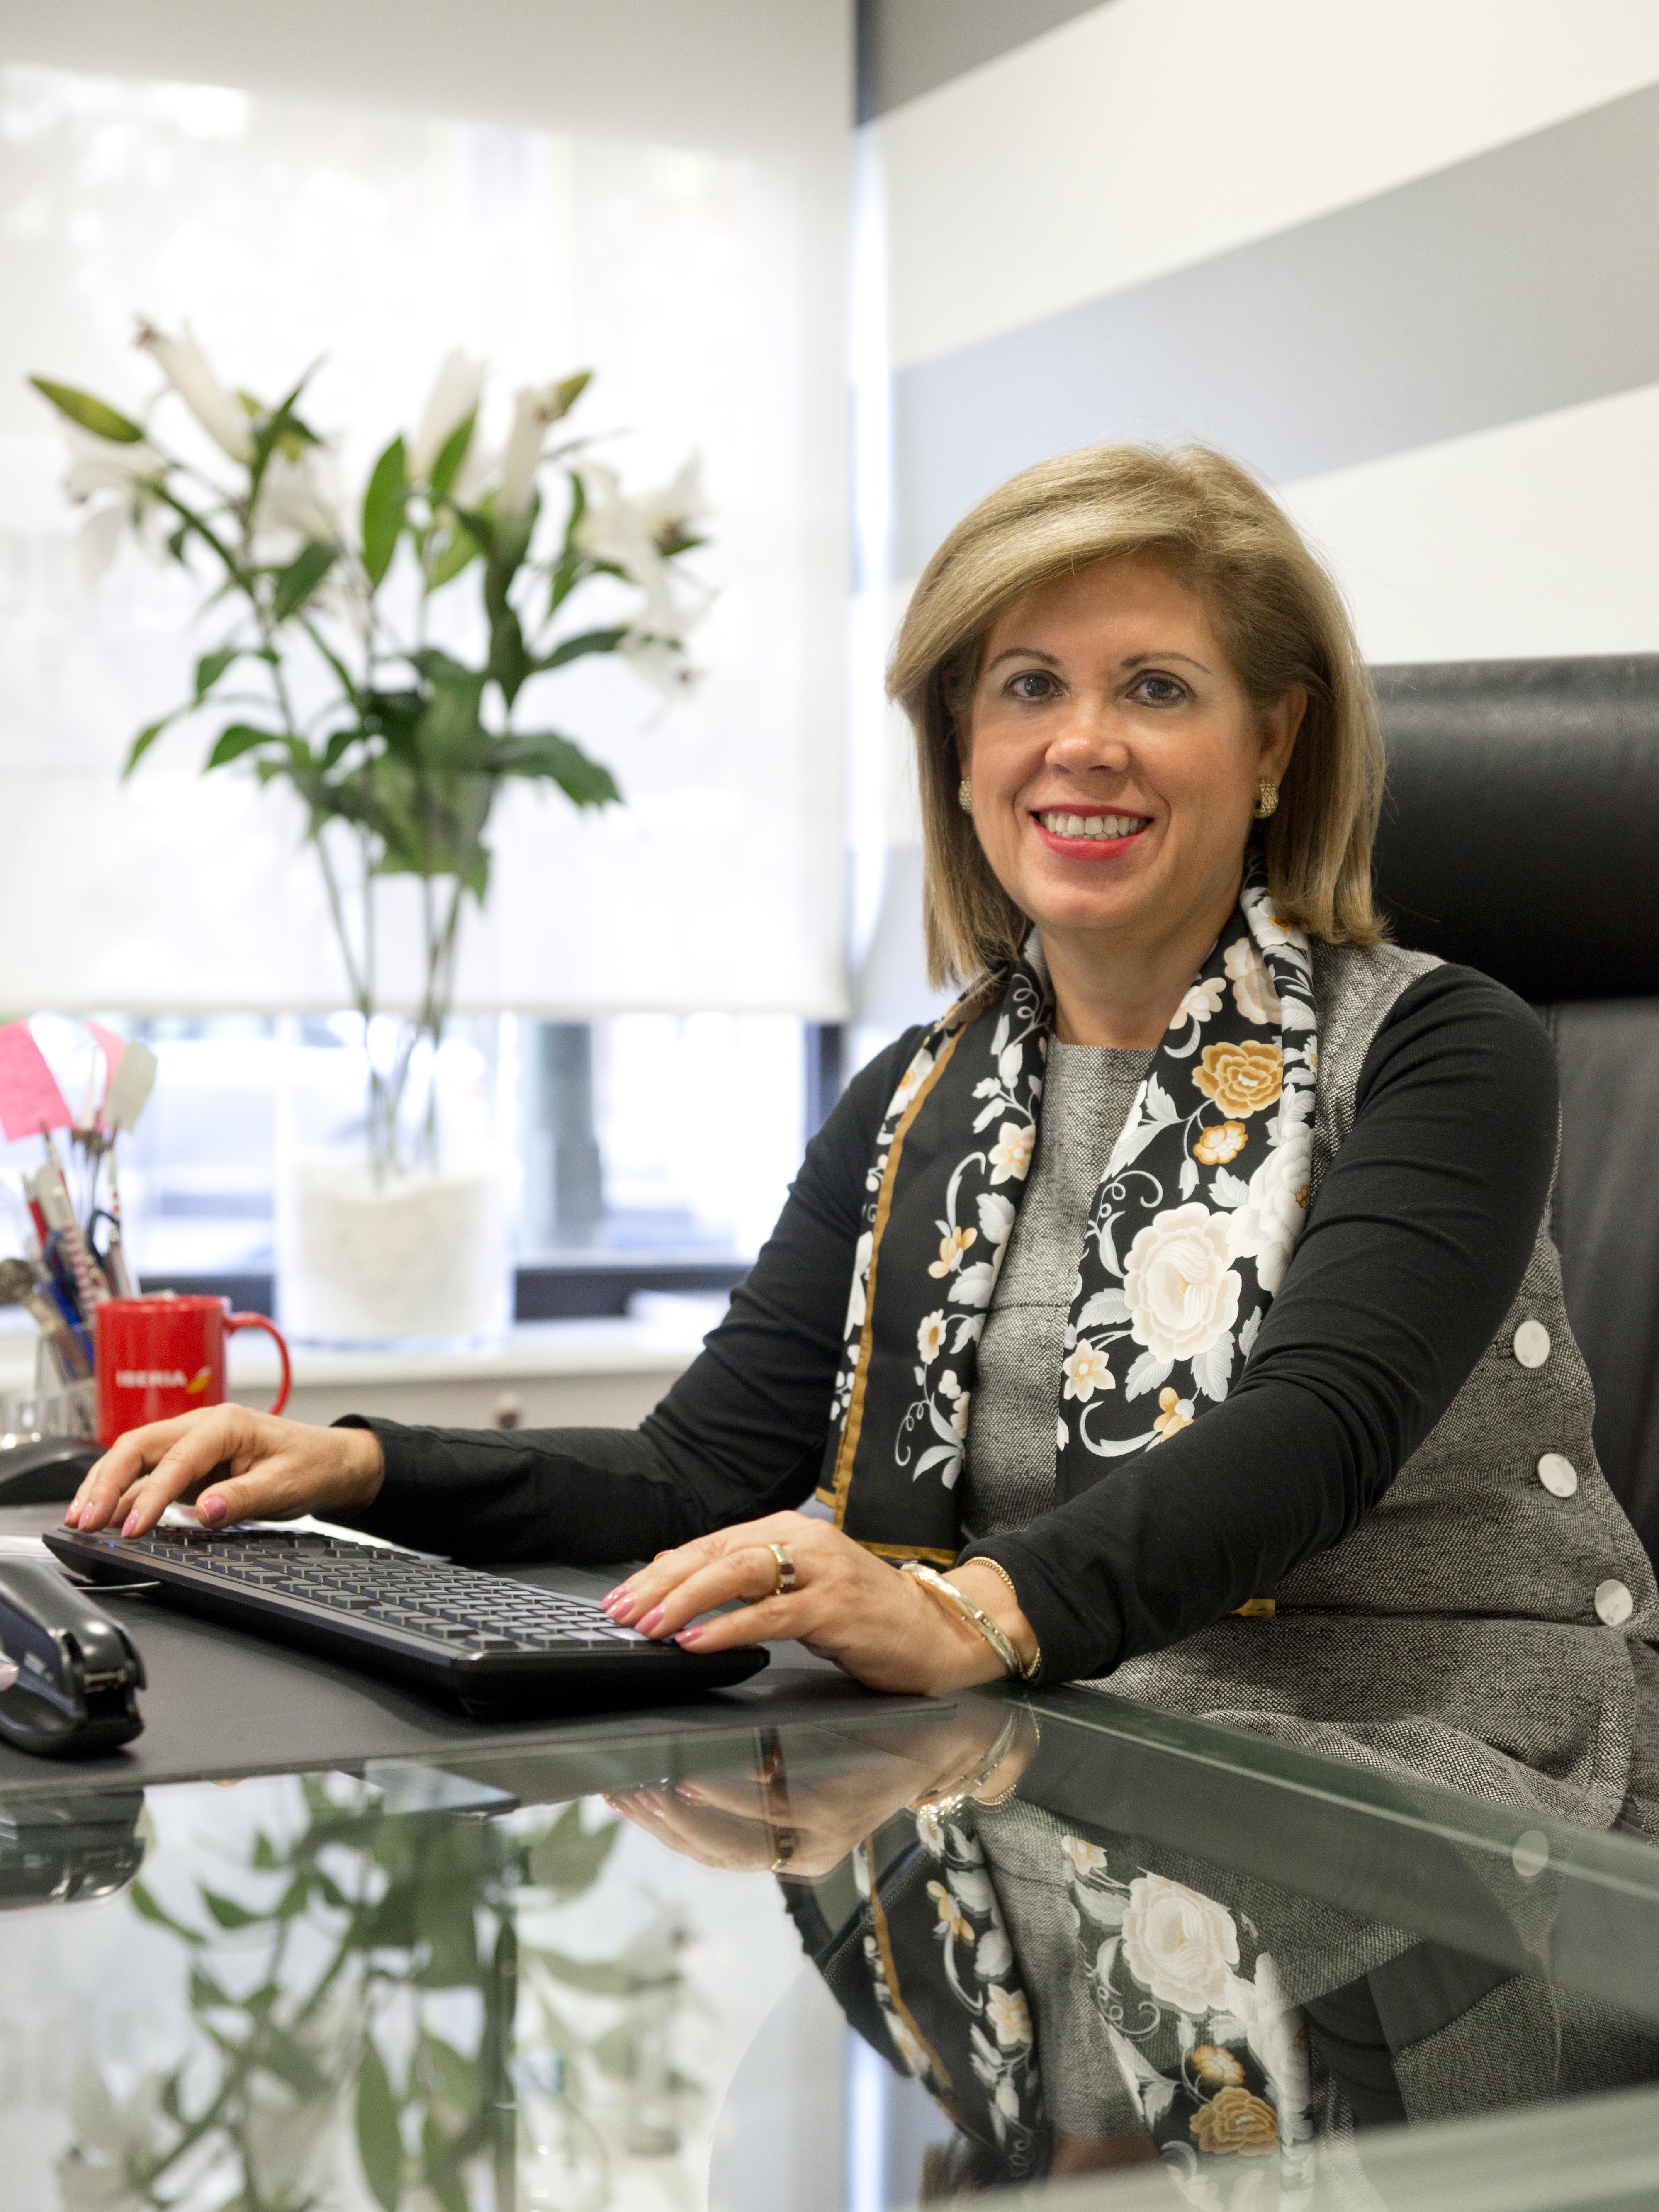 IAG7 está haciendo un esfuerzo para ampliar los productos disponibles en Cogeloalvuelo, según Fina Muñoz.